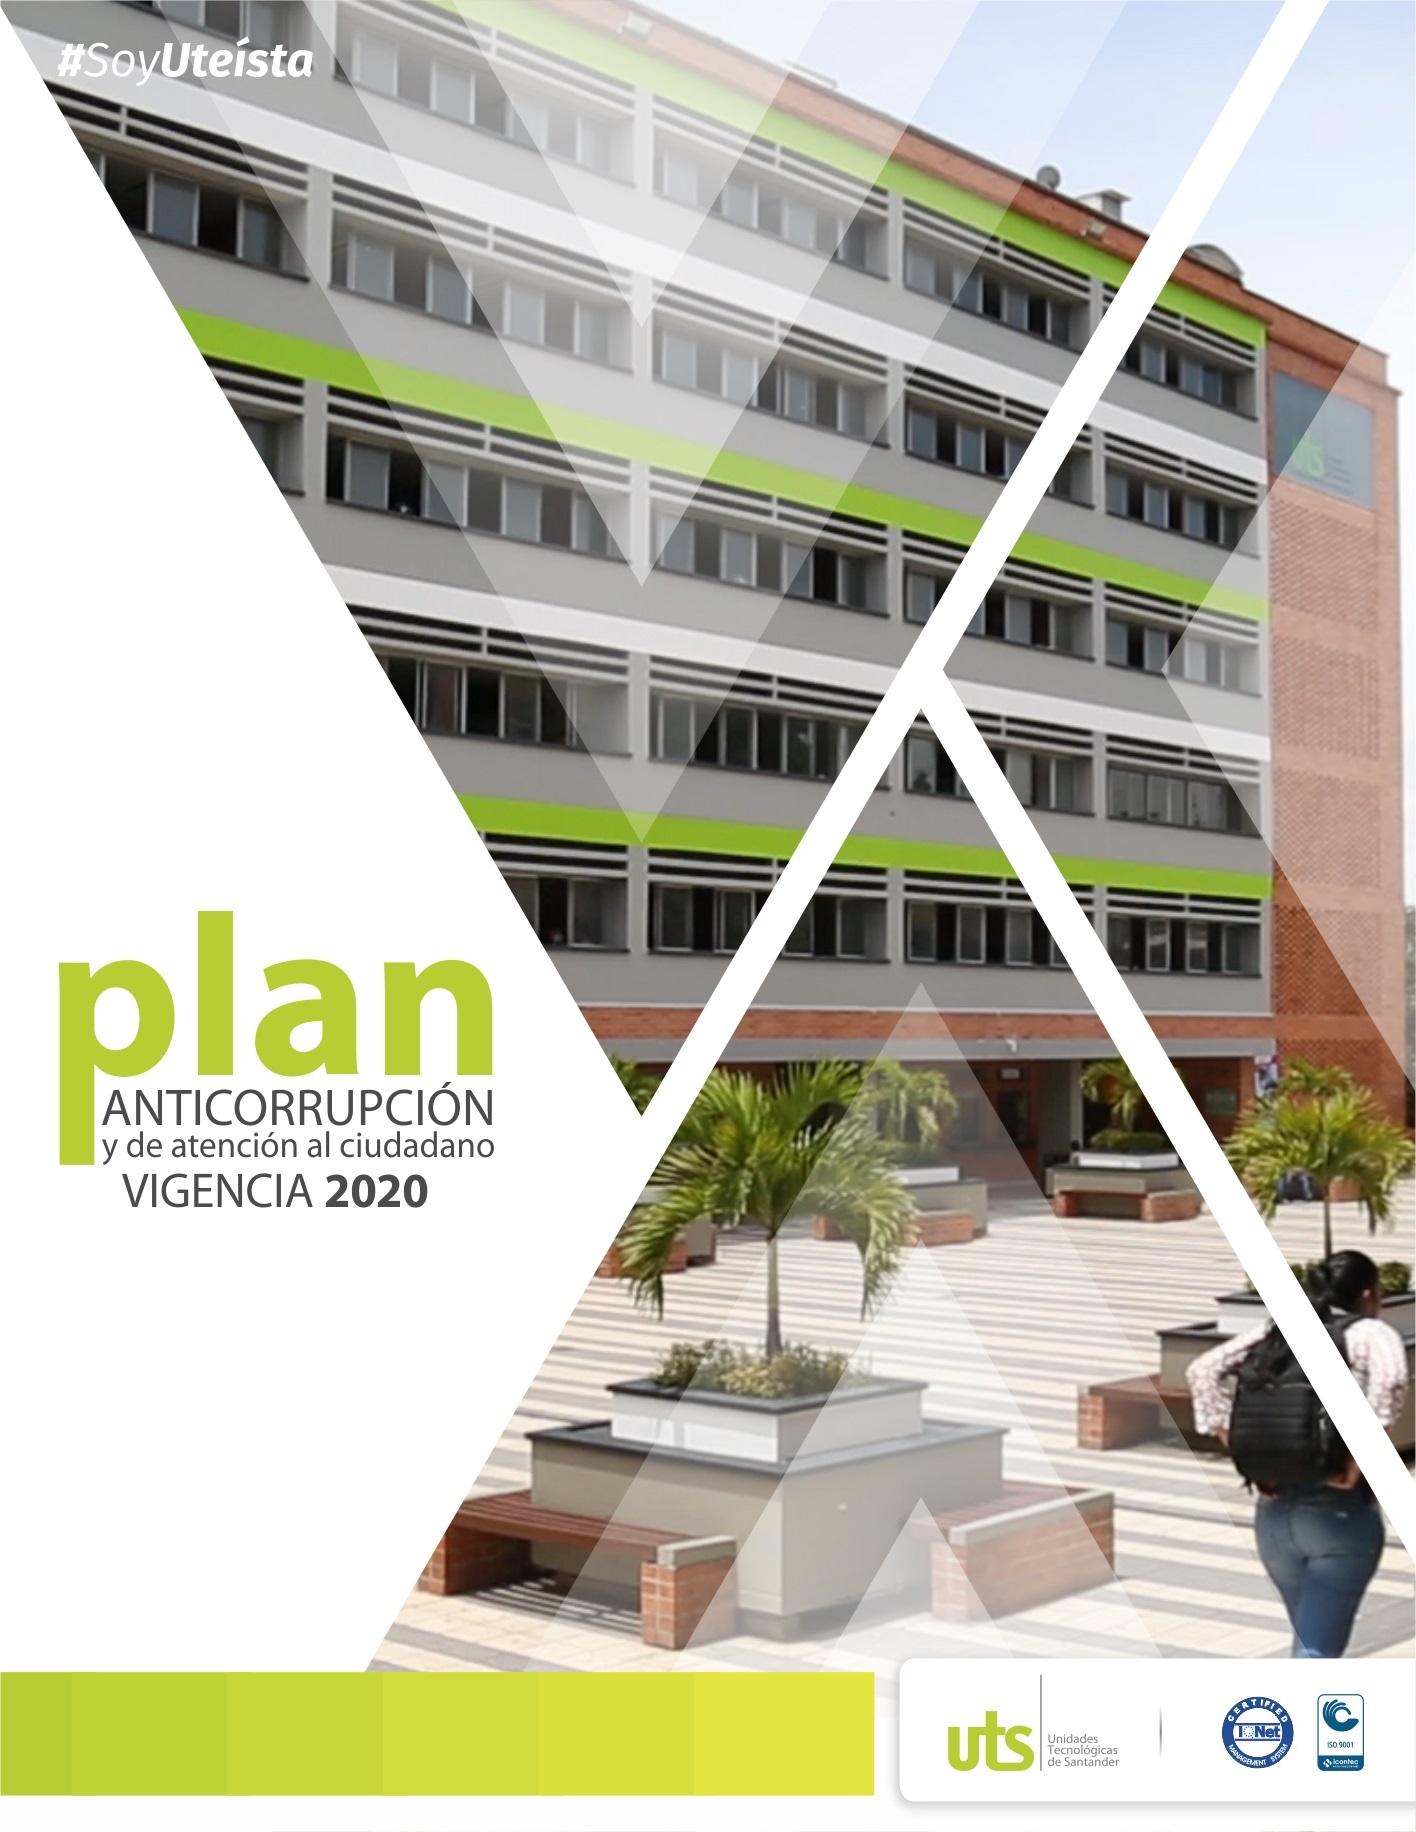 Plan Anticorrupción y de Atención al Ciudadano vigencia 2020